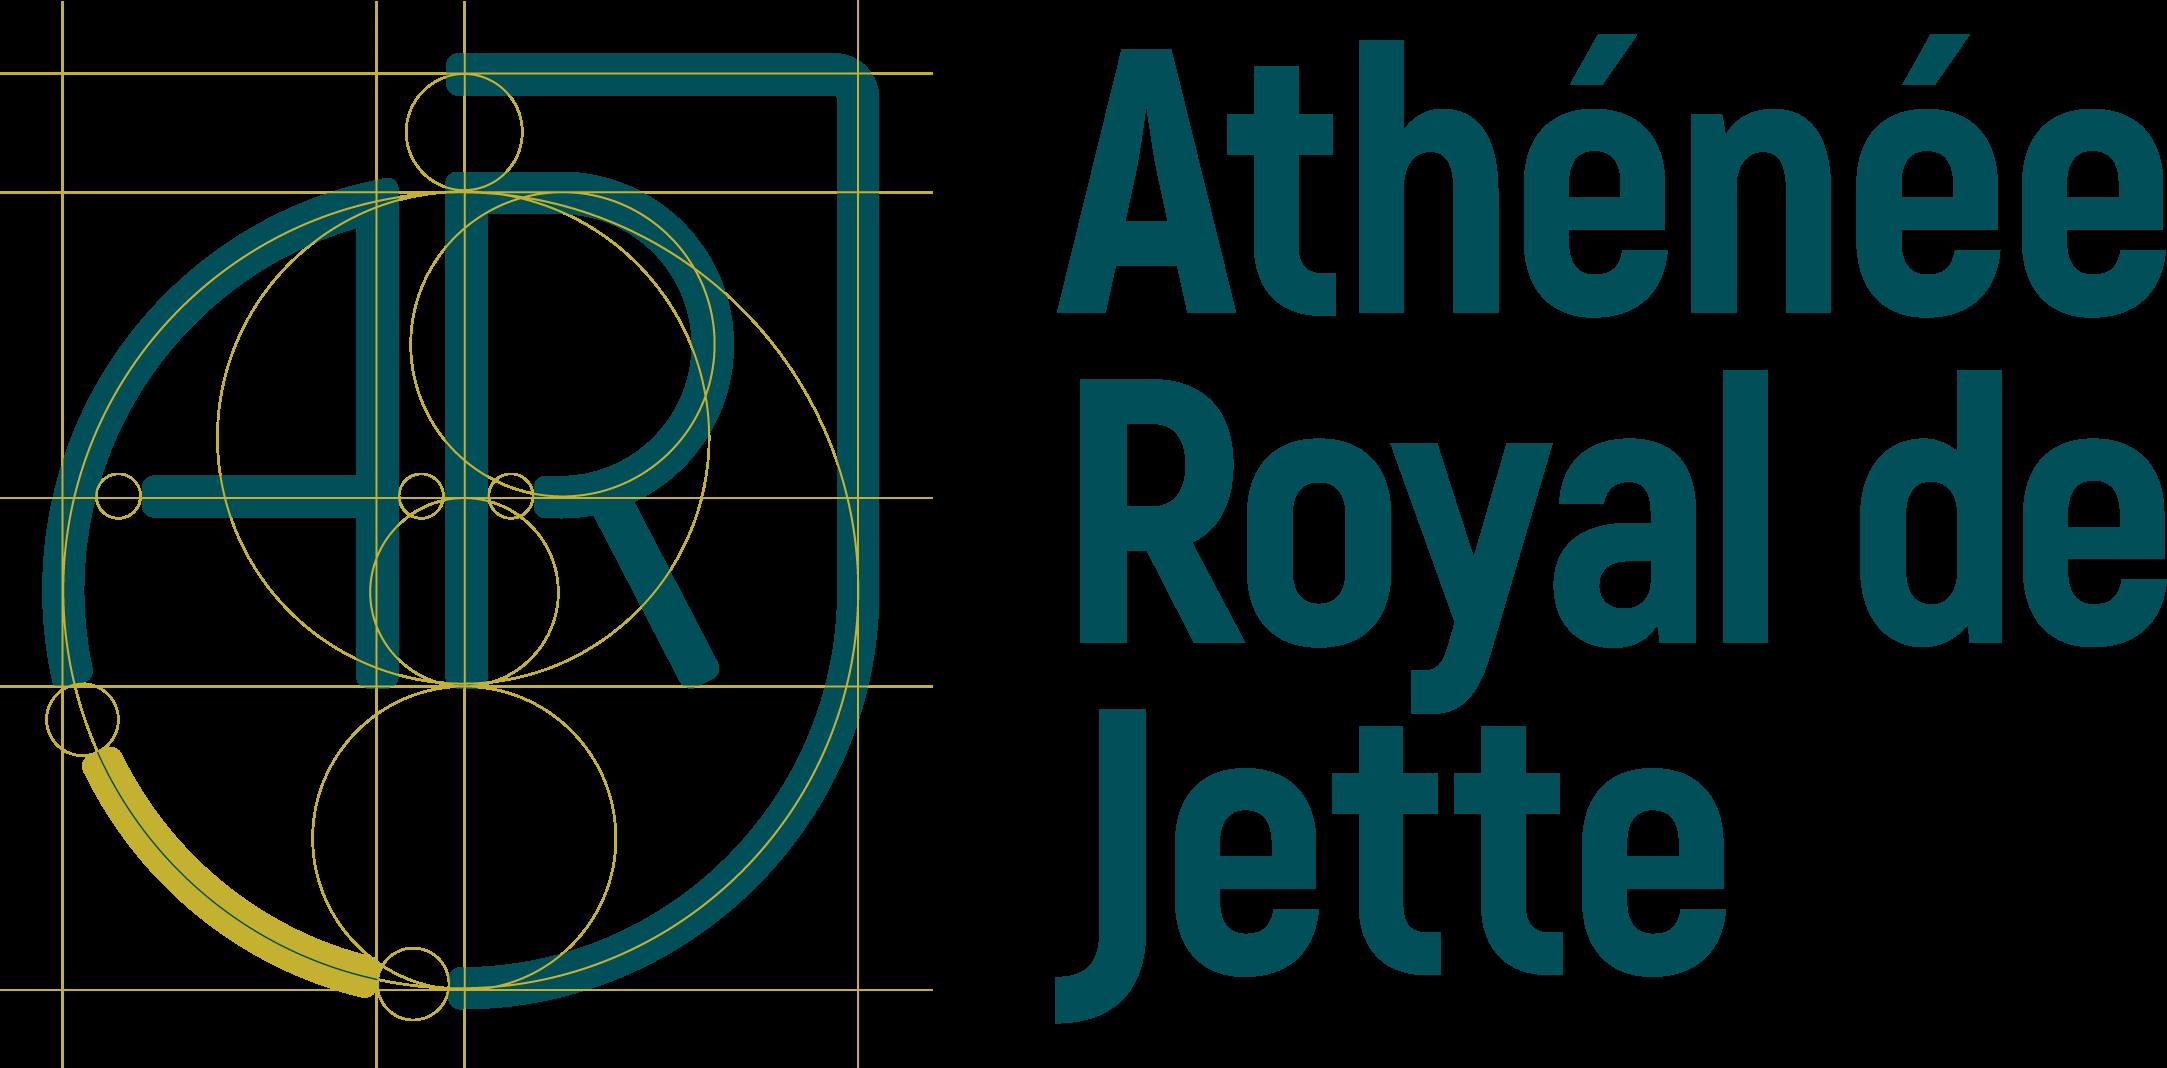 Athénée Royal de Jette